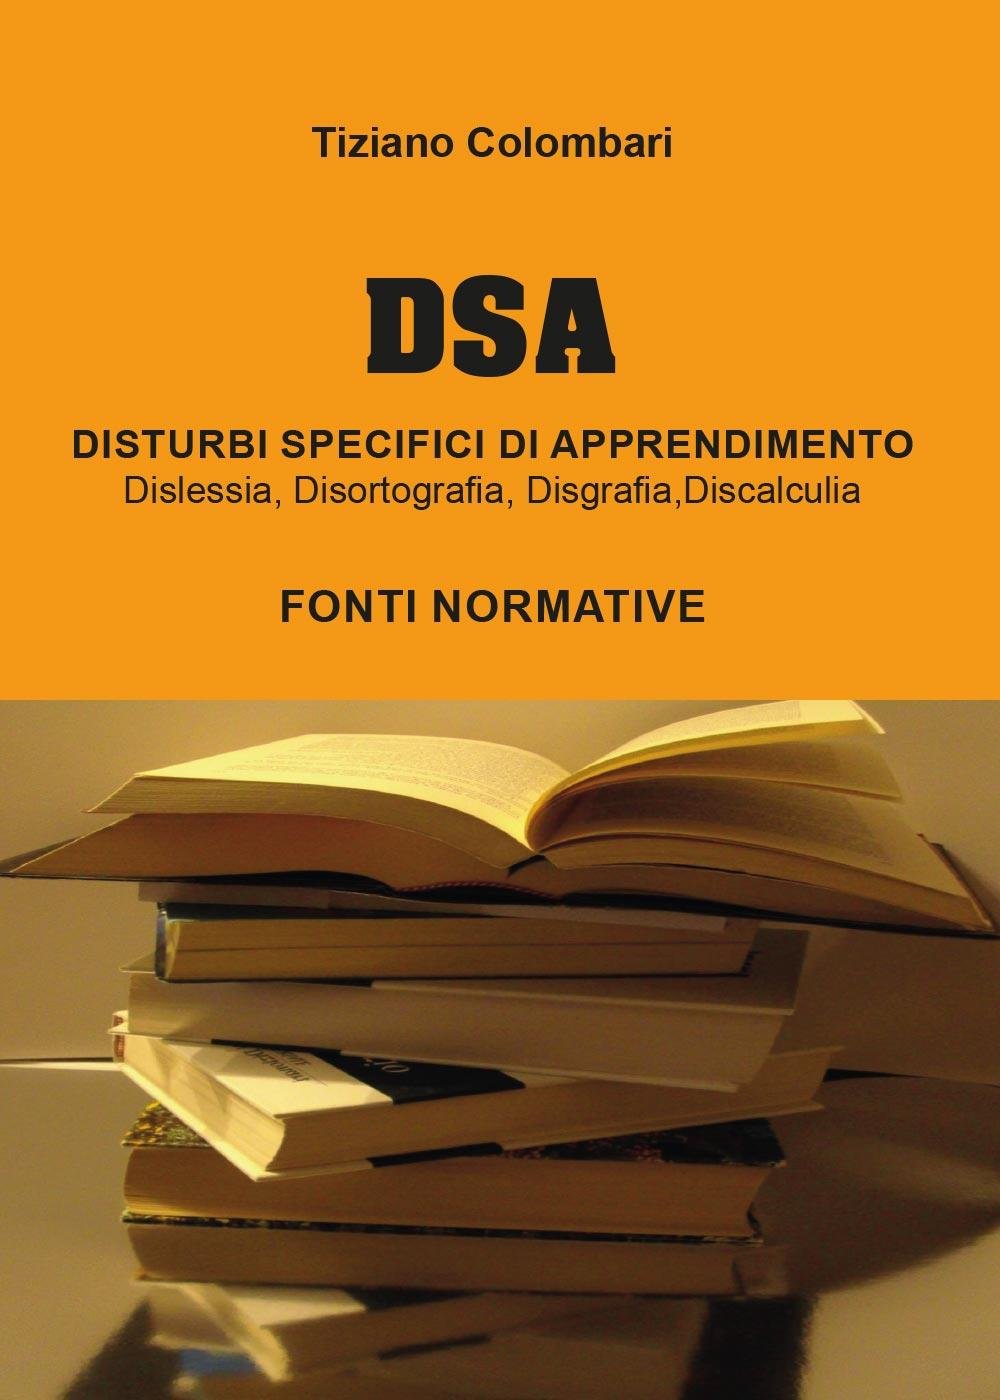 DSA Disturbi Specifici di Apprendimento. Dislessia, Disortografia, Disgrafia, Discalculia. Fonti Normative